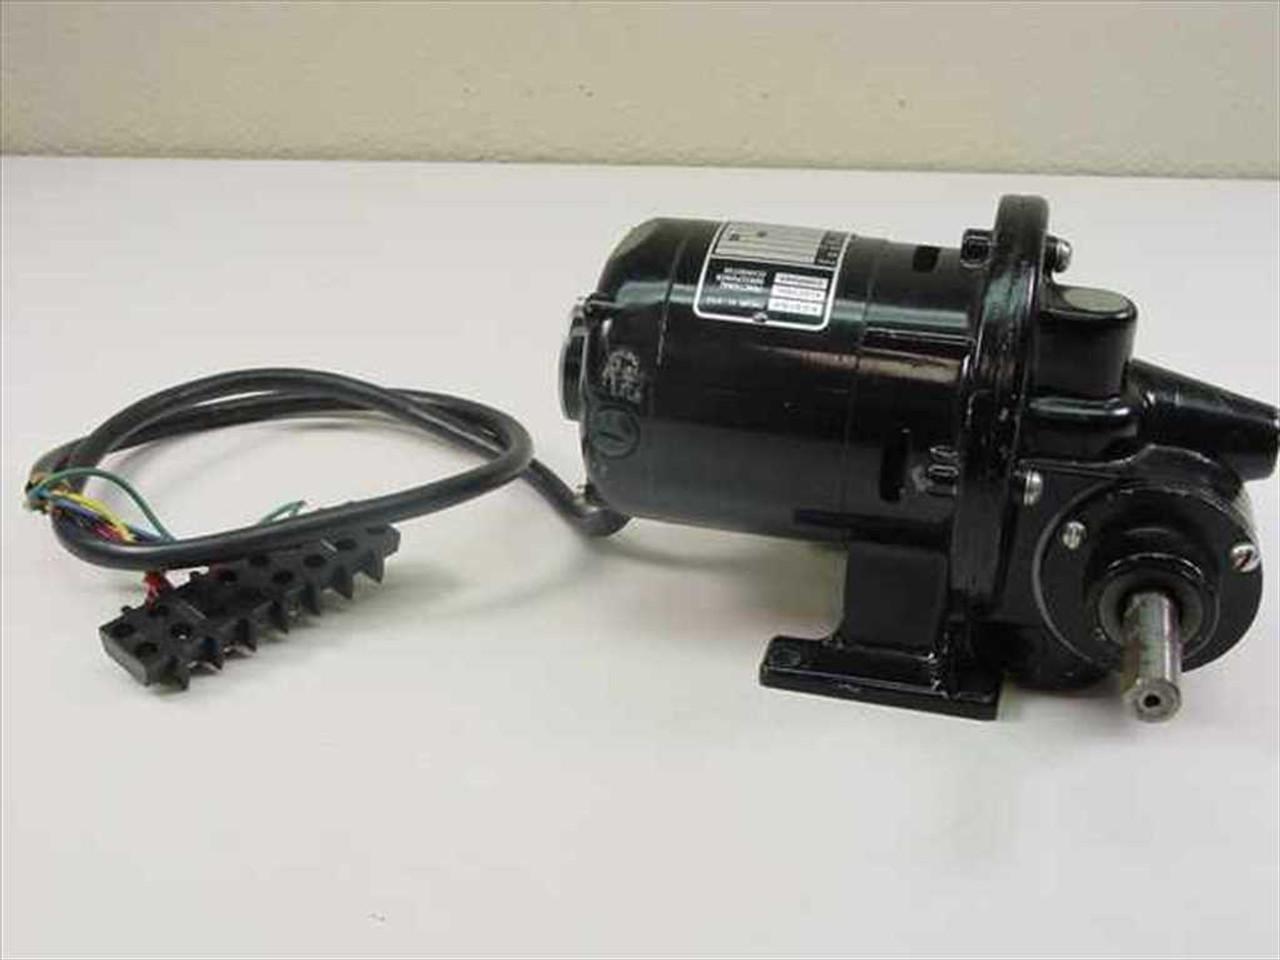 Bodine Motor Wiring Diagram Detailed Schematics B100 Simple Dayton Capacitor Start Gear